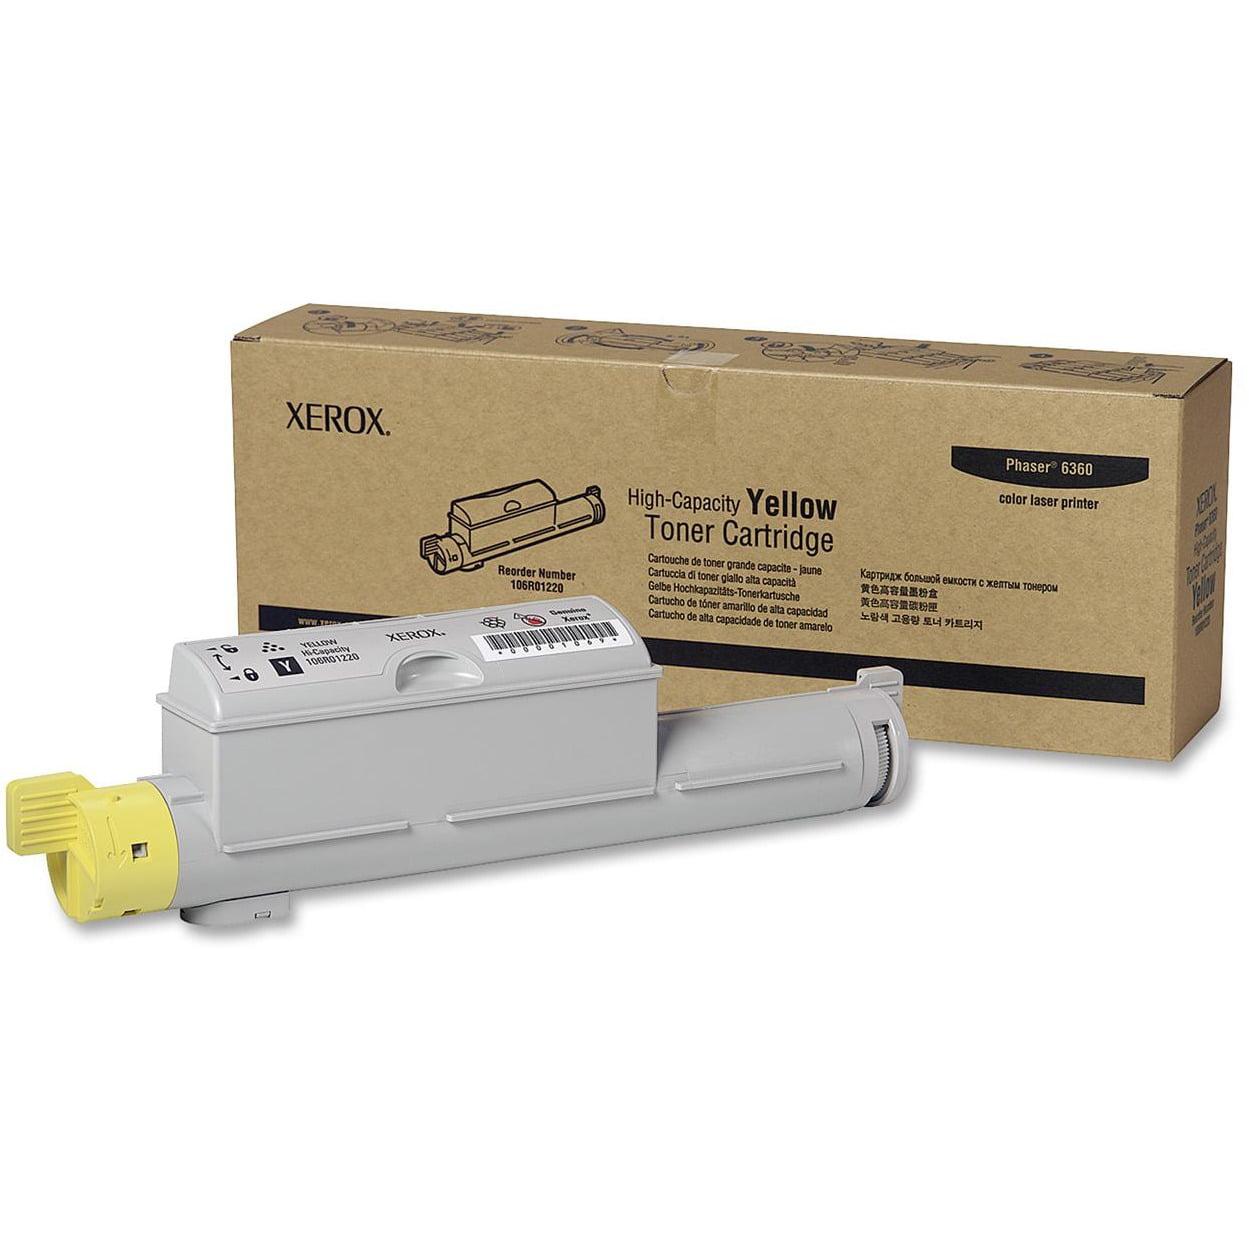 Xerox, XER106R01220, 106R01218/19/20/21 Toner Cartridges, 1 Each